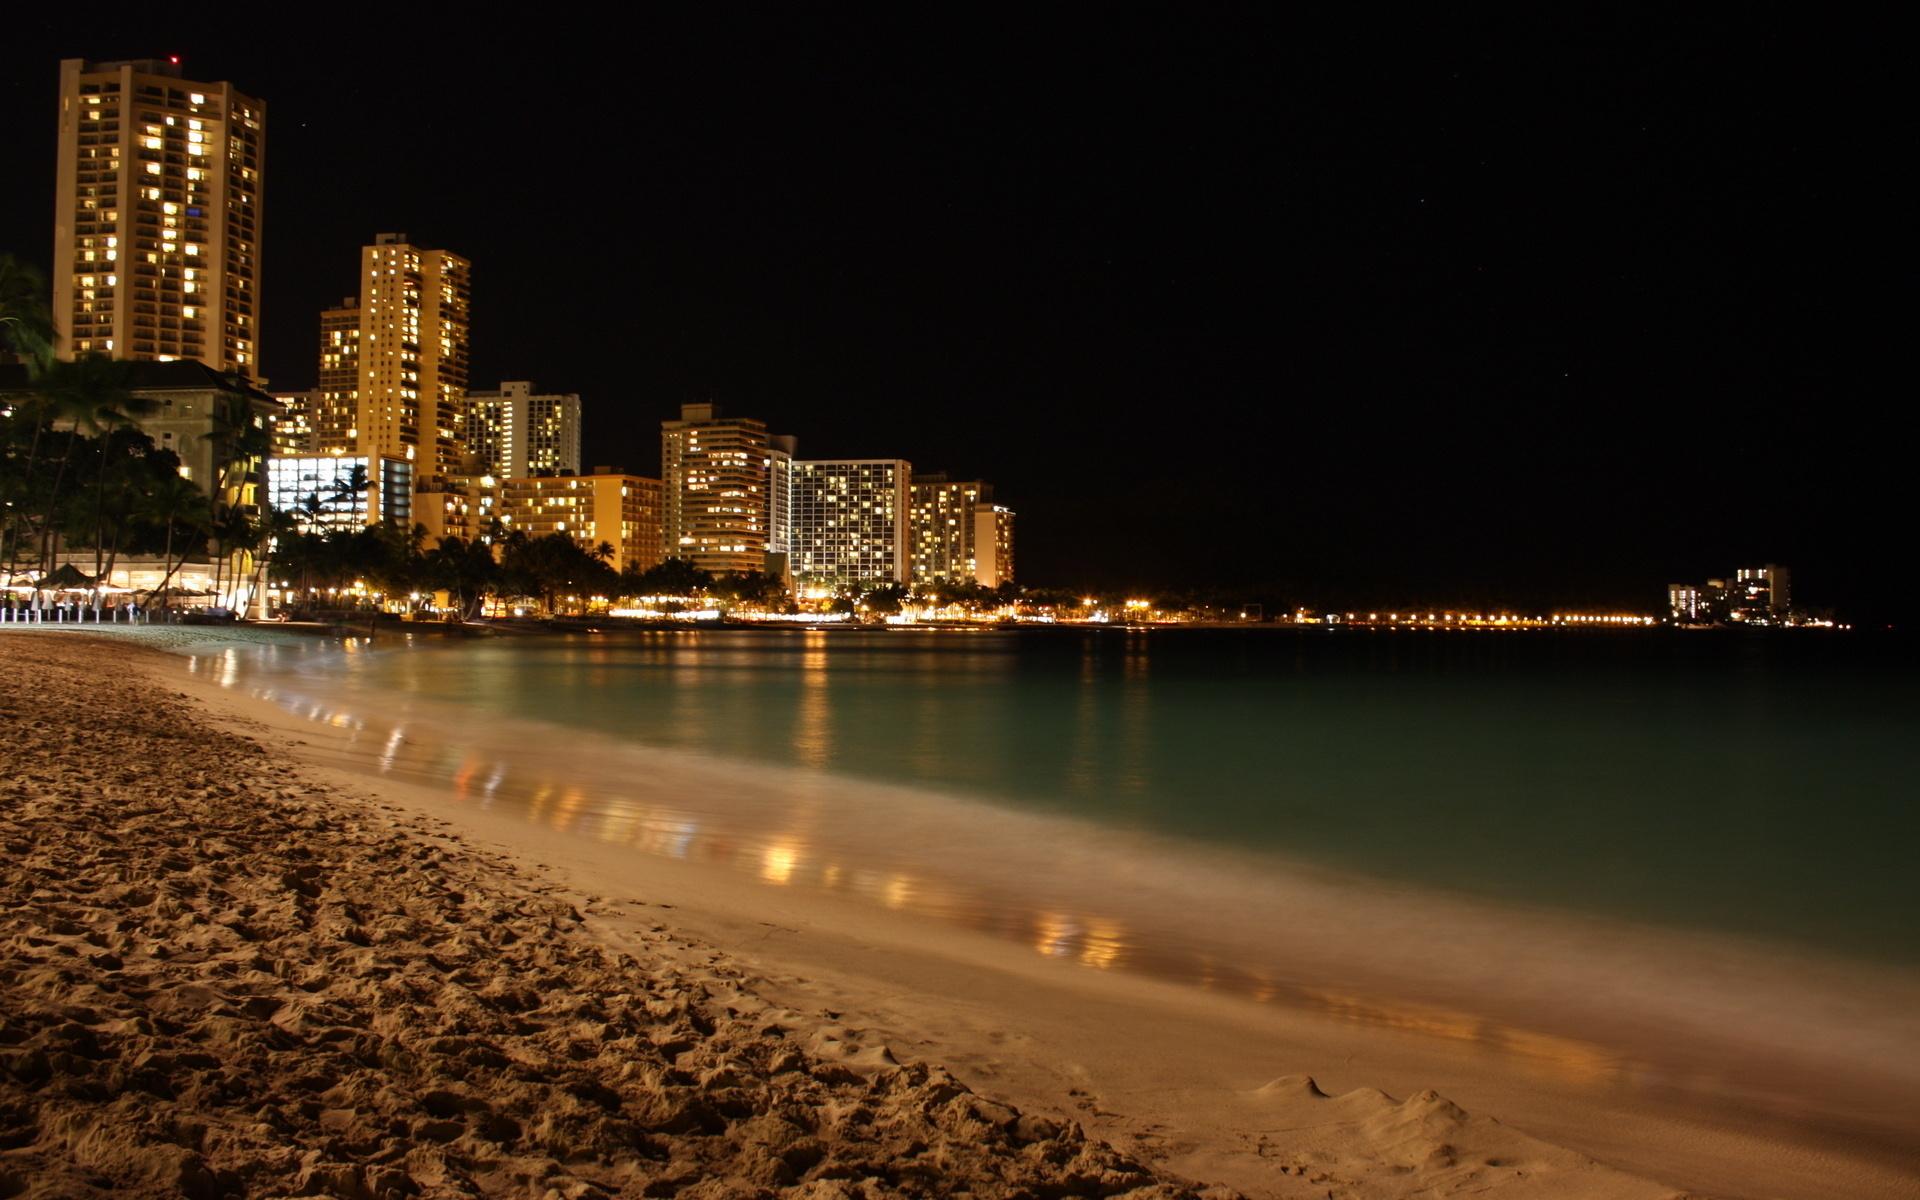 картинки ночь на побережье данный момент томак